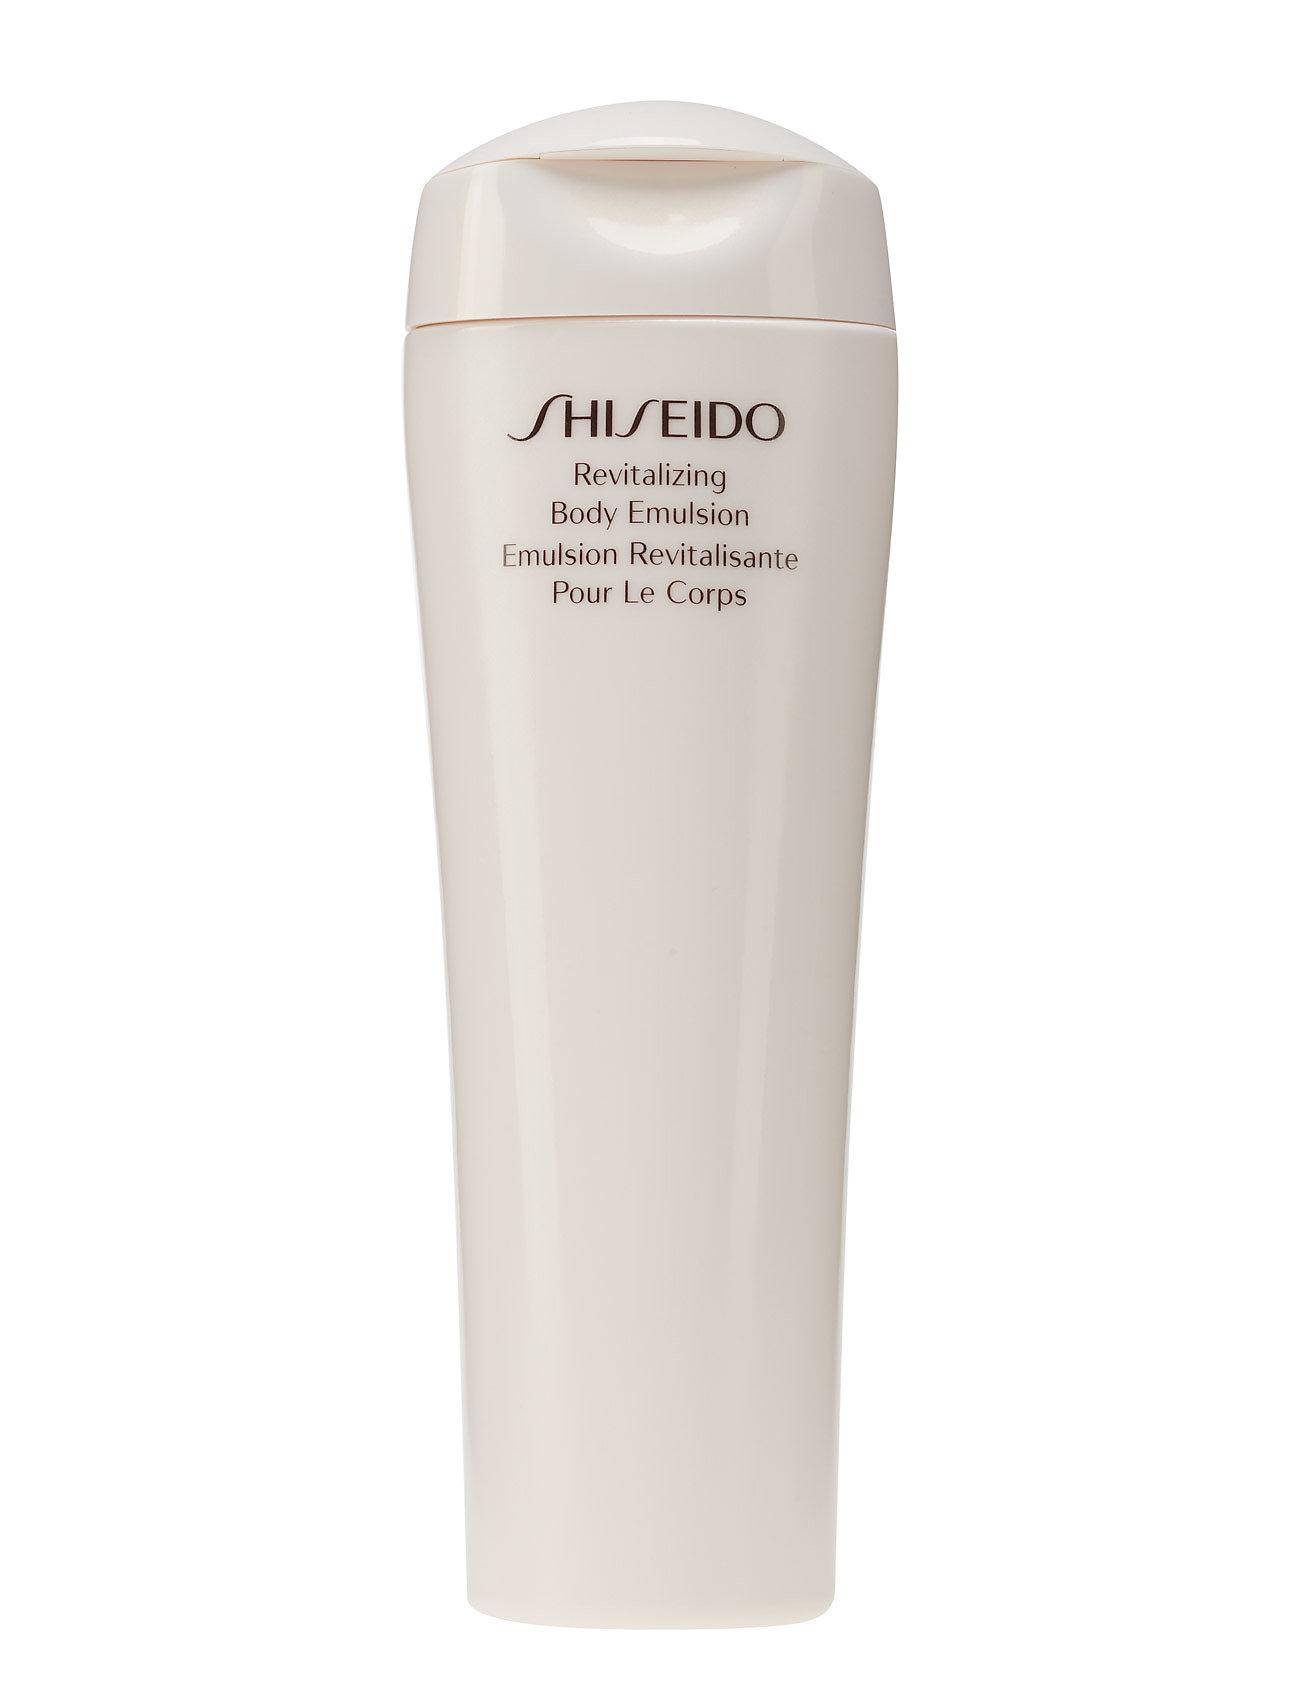 shiseido – Shiseido bodycare revitalizing body på boozt.com dk